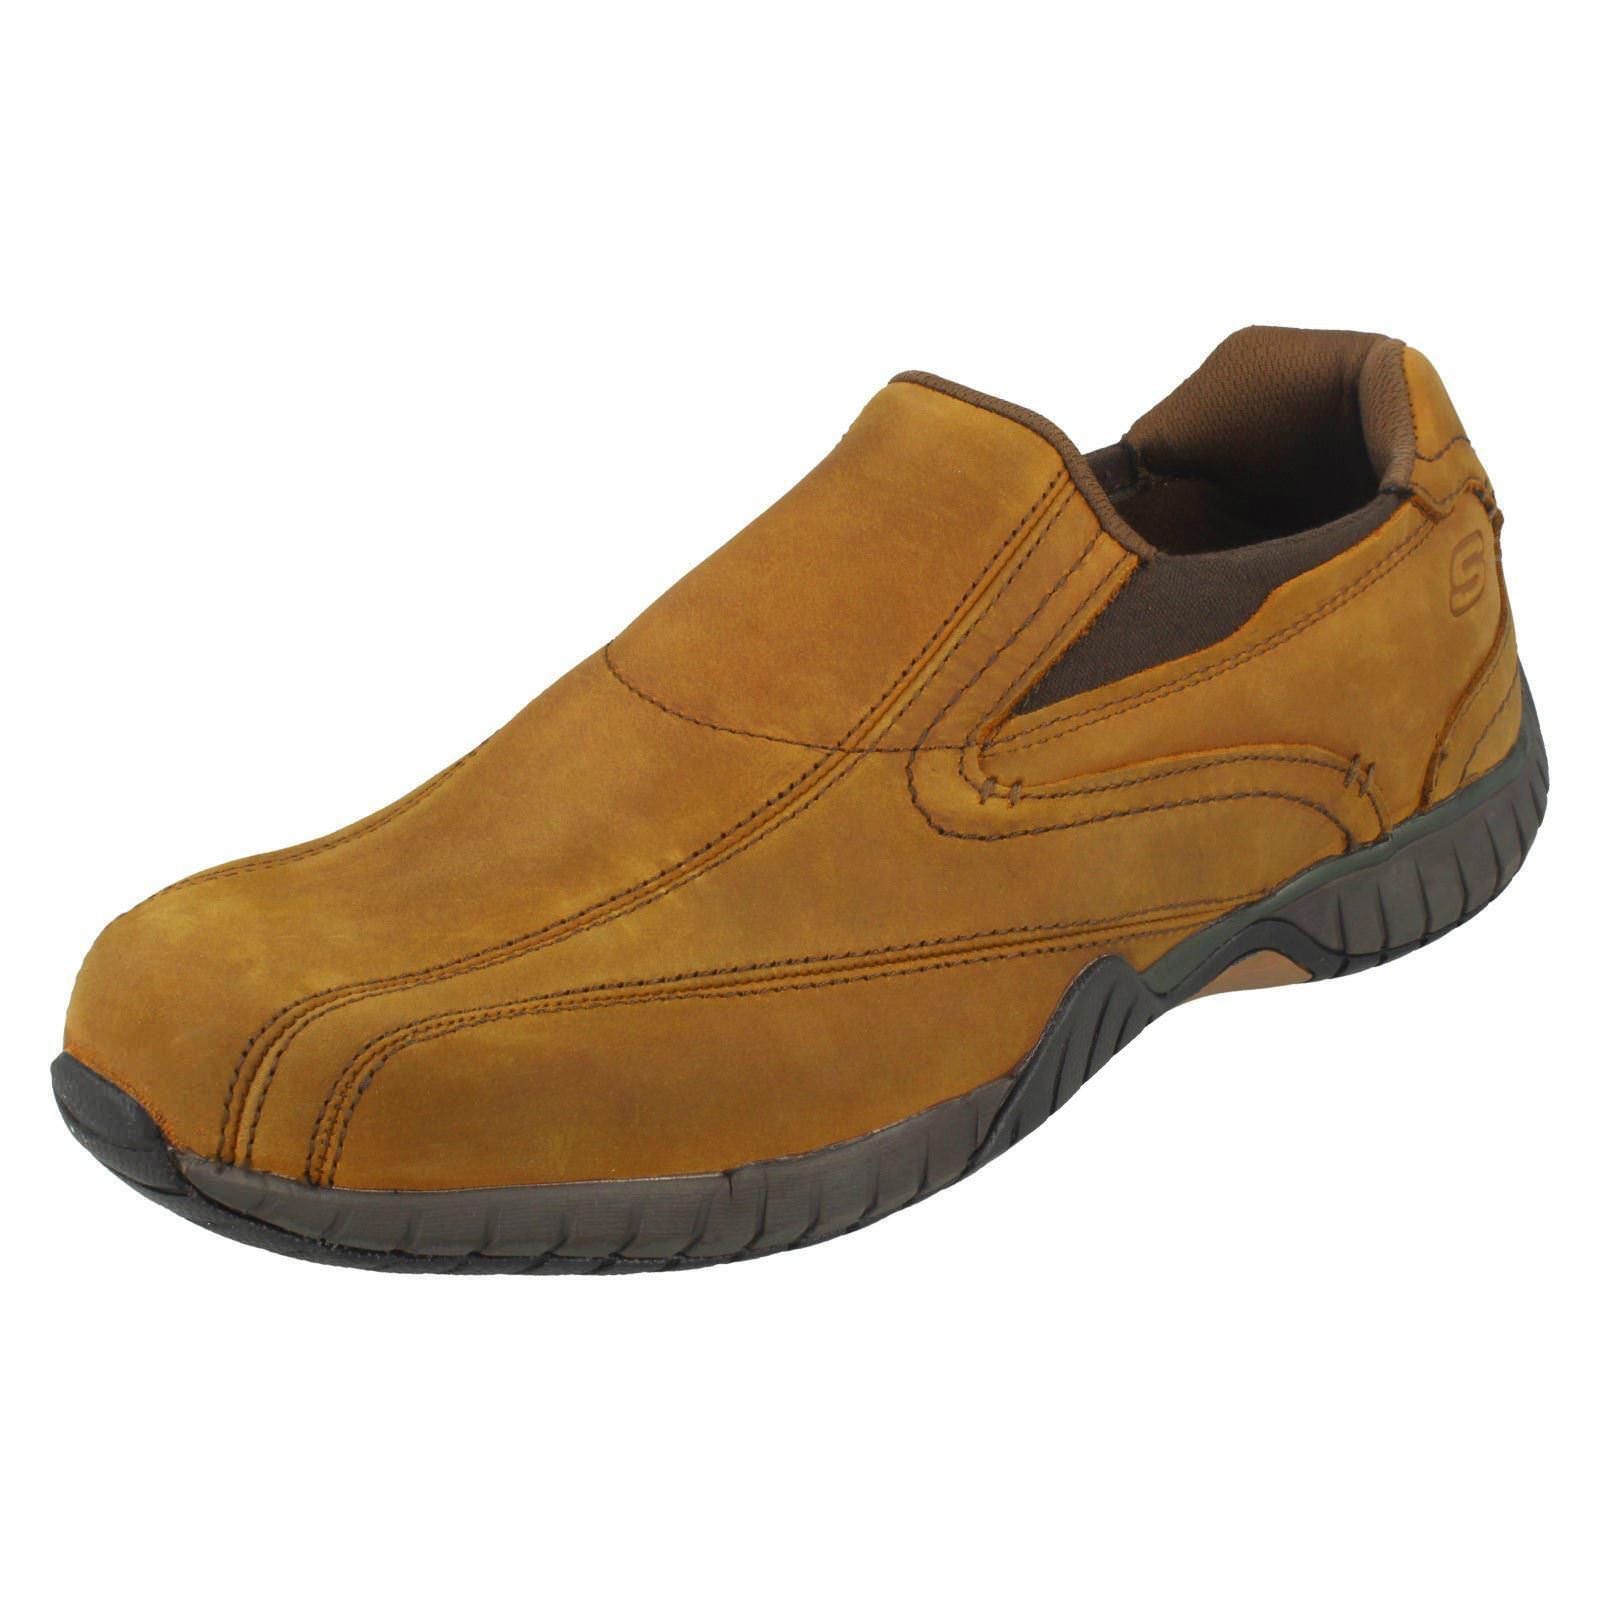 Skechers 65287 Sendro Bascom Slip On shoes